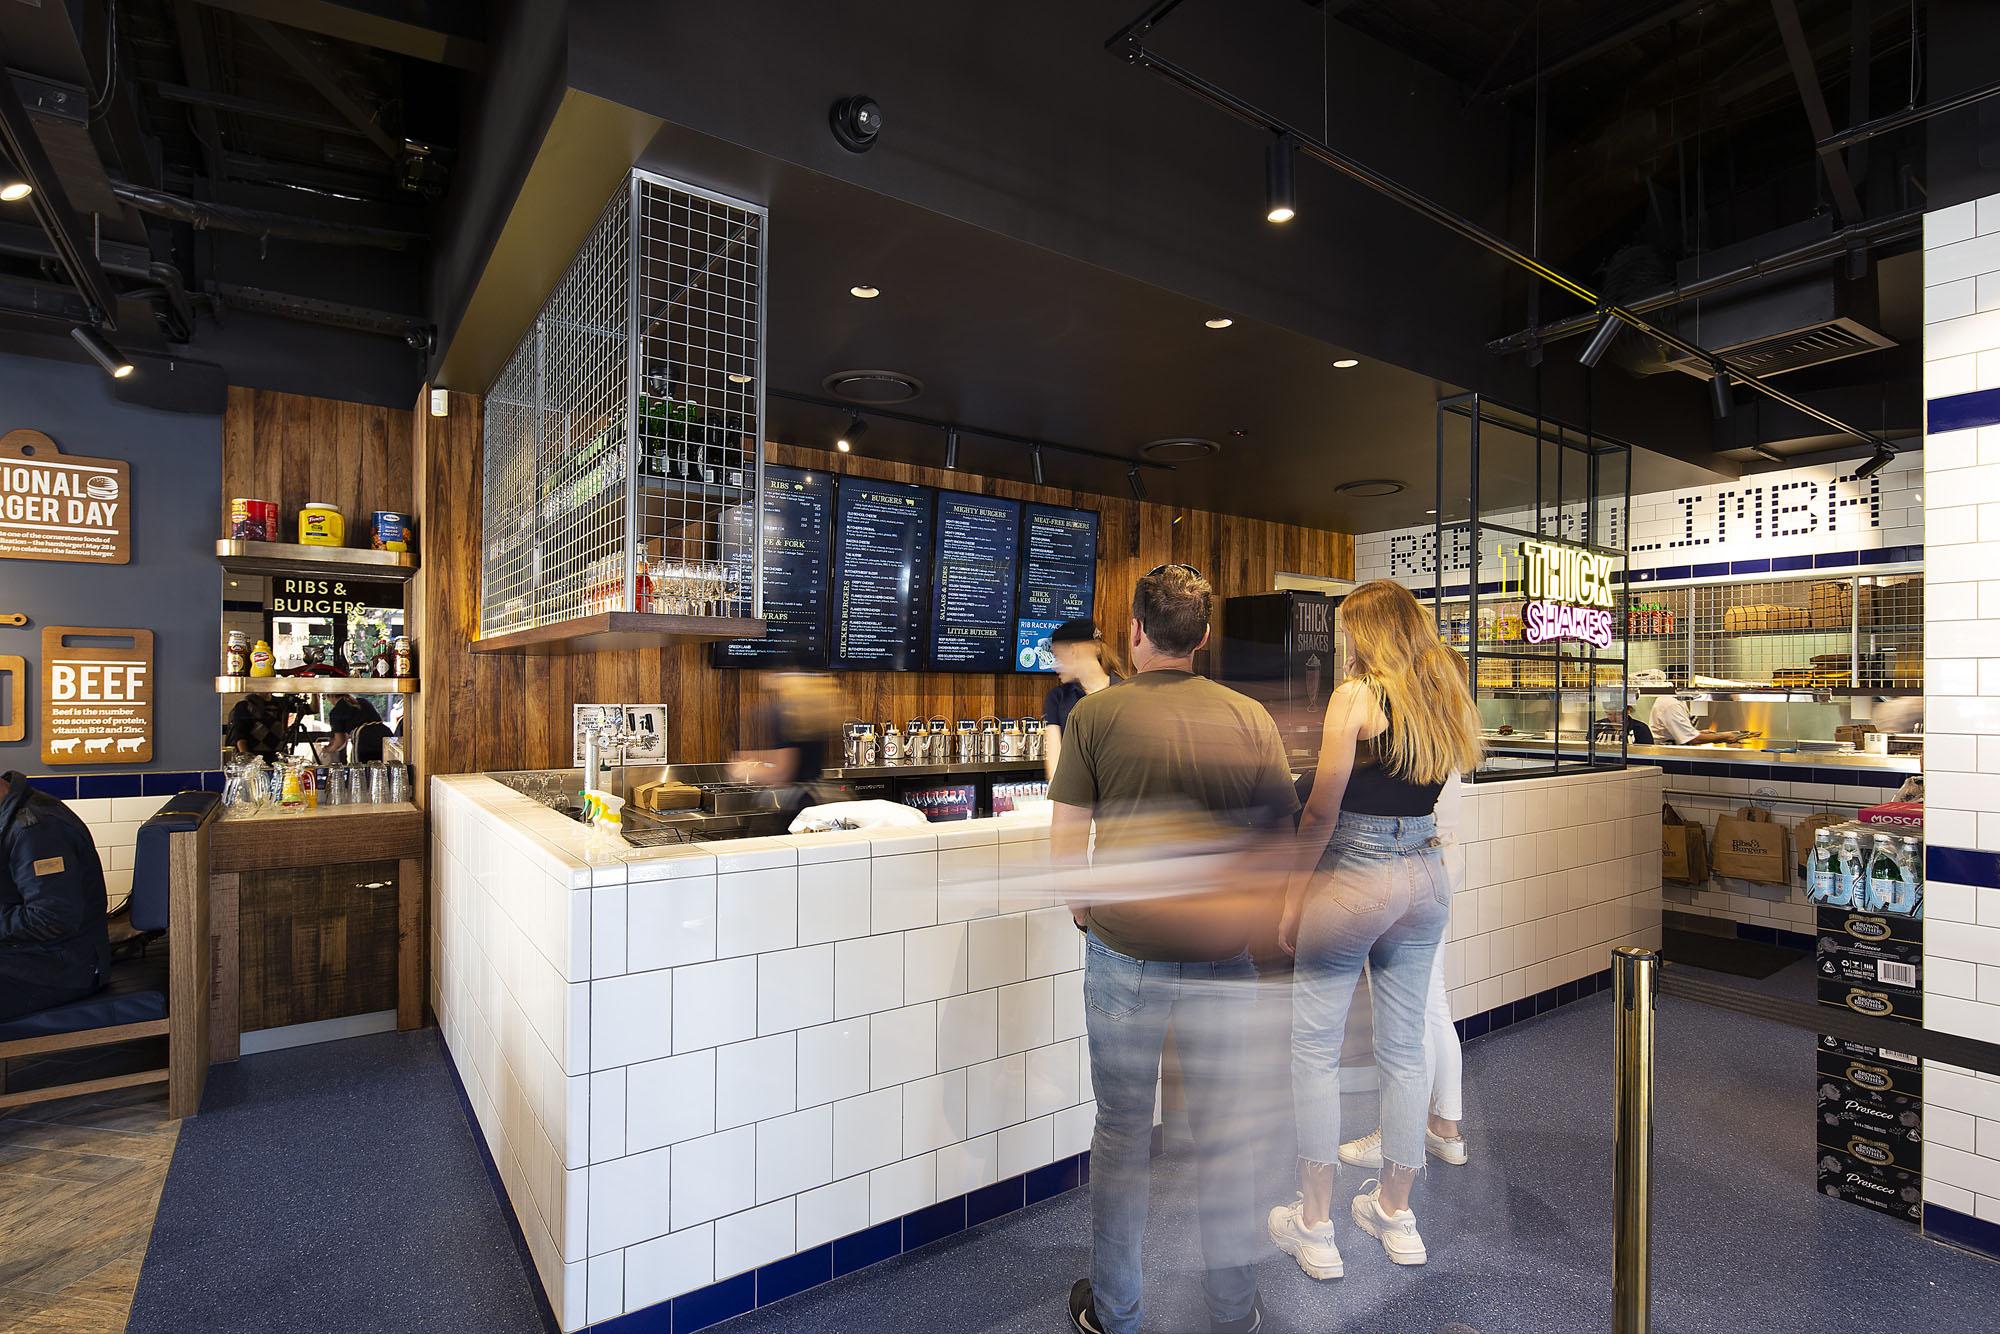 澳洲美食,布里斯班东区,布里斯班美食,澳洲美食推荐,布里斯班汉堡店